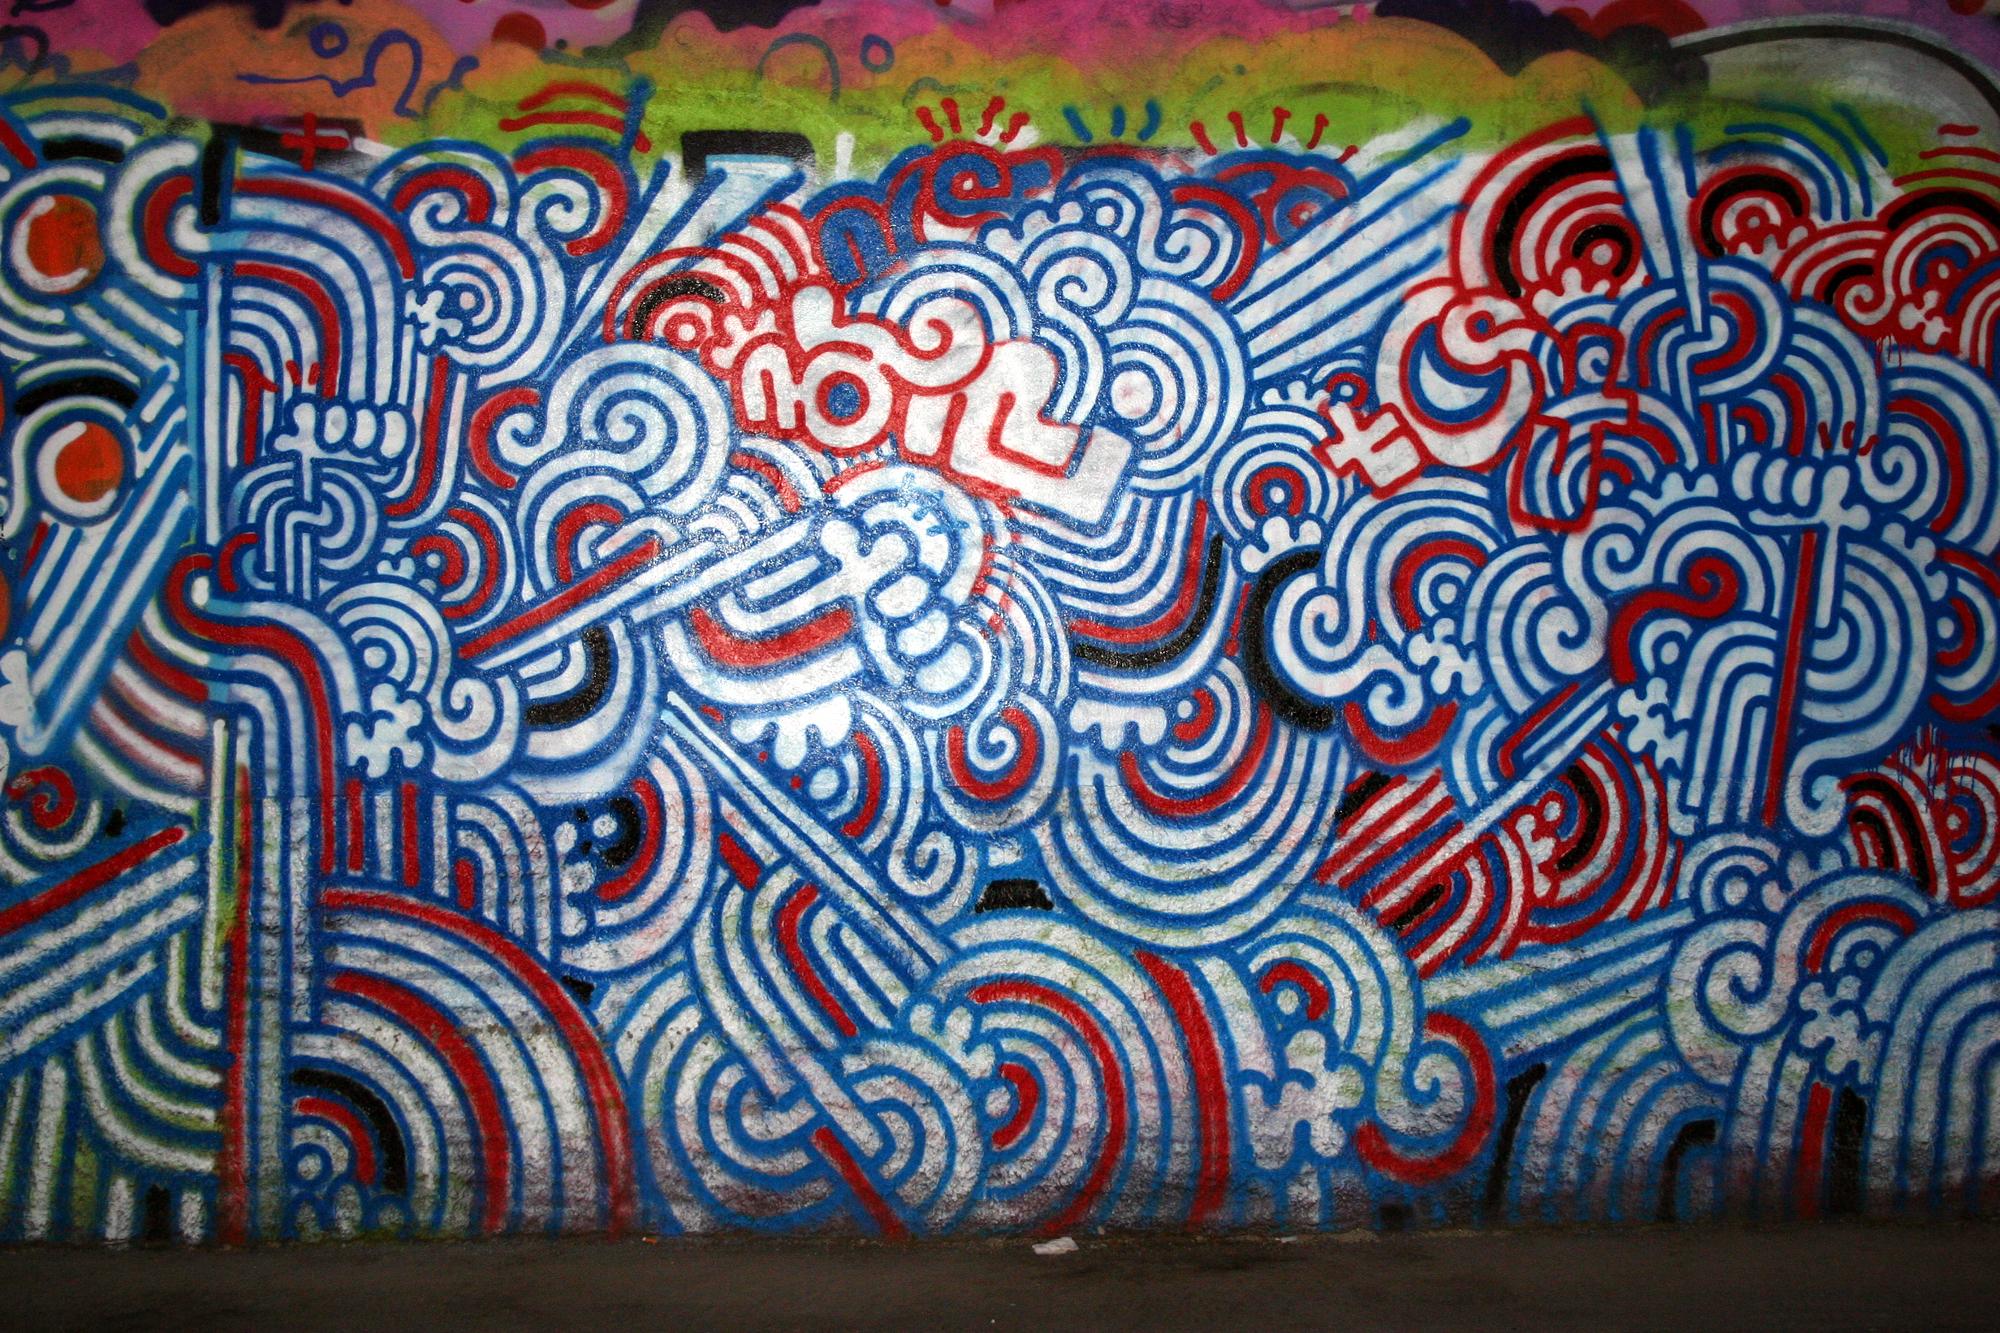 File:1026 - Milano - Graffiti di fronte al Leoncavallo - Foto